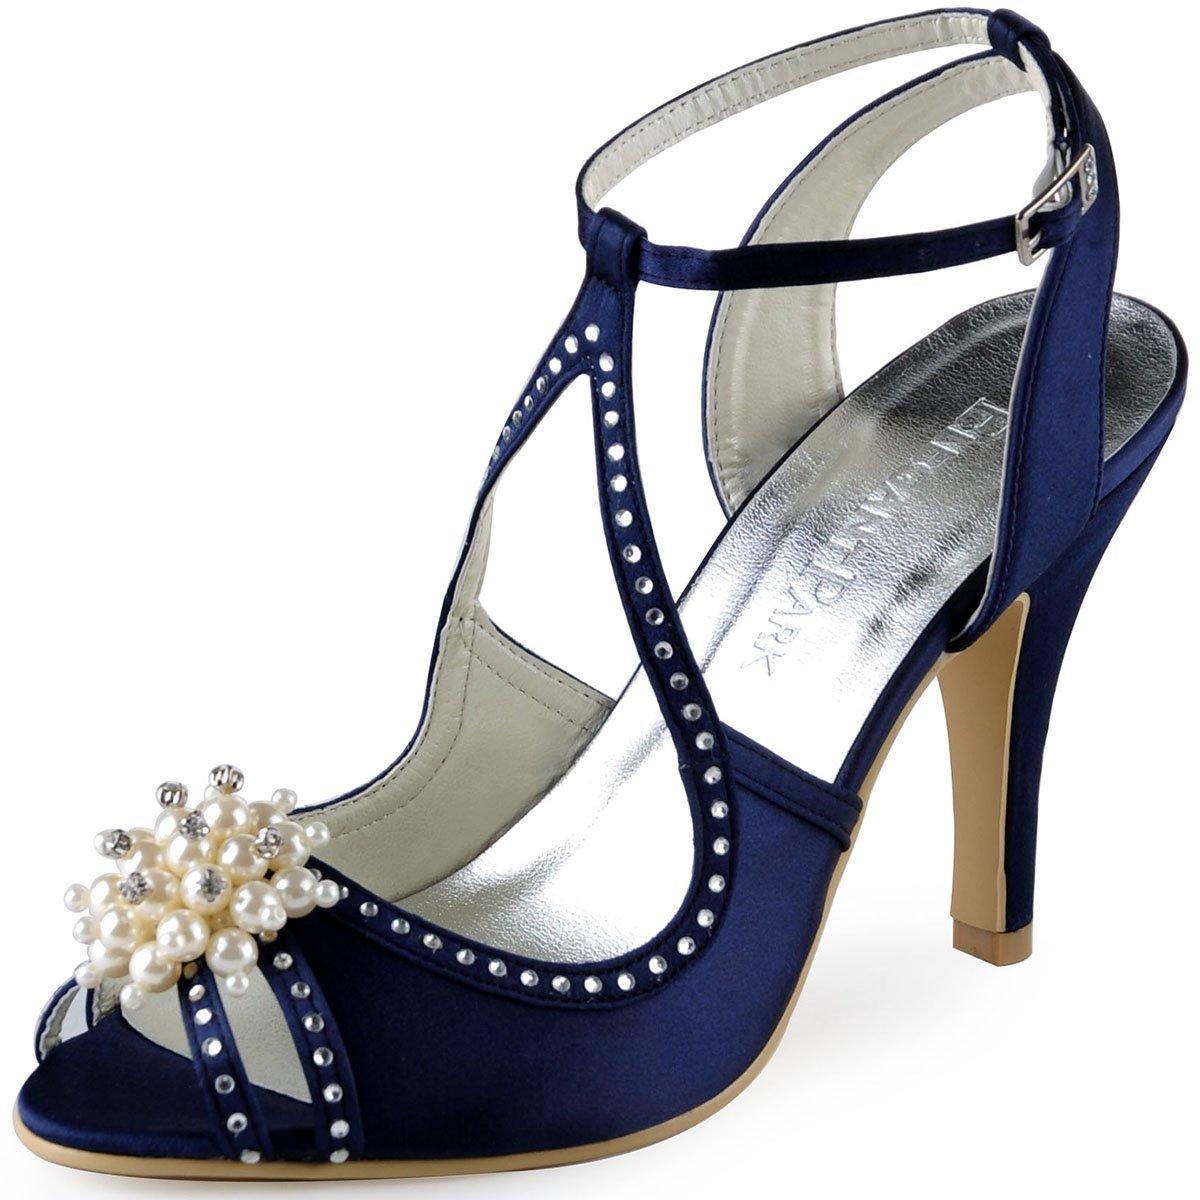 Elegantpark EP11058 Marine Bout Ouvert 19871 Satin B077R4YYRY Perle Strass Aiguille Talon Pumps Femme Sandales Chaussures de Mariage Bleu Marine 0e1fb1b - automatisms.space